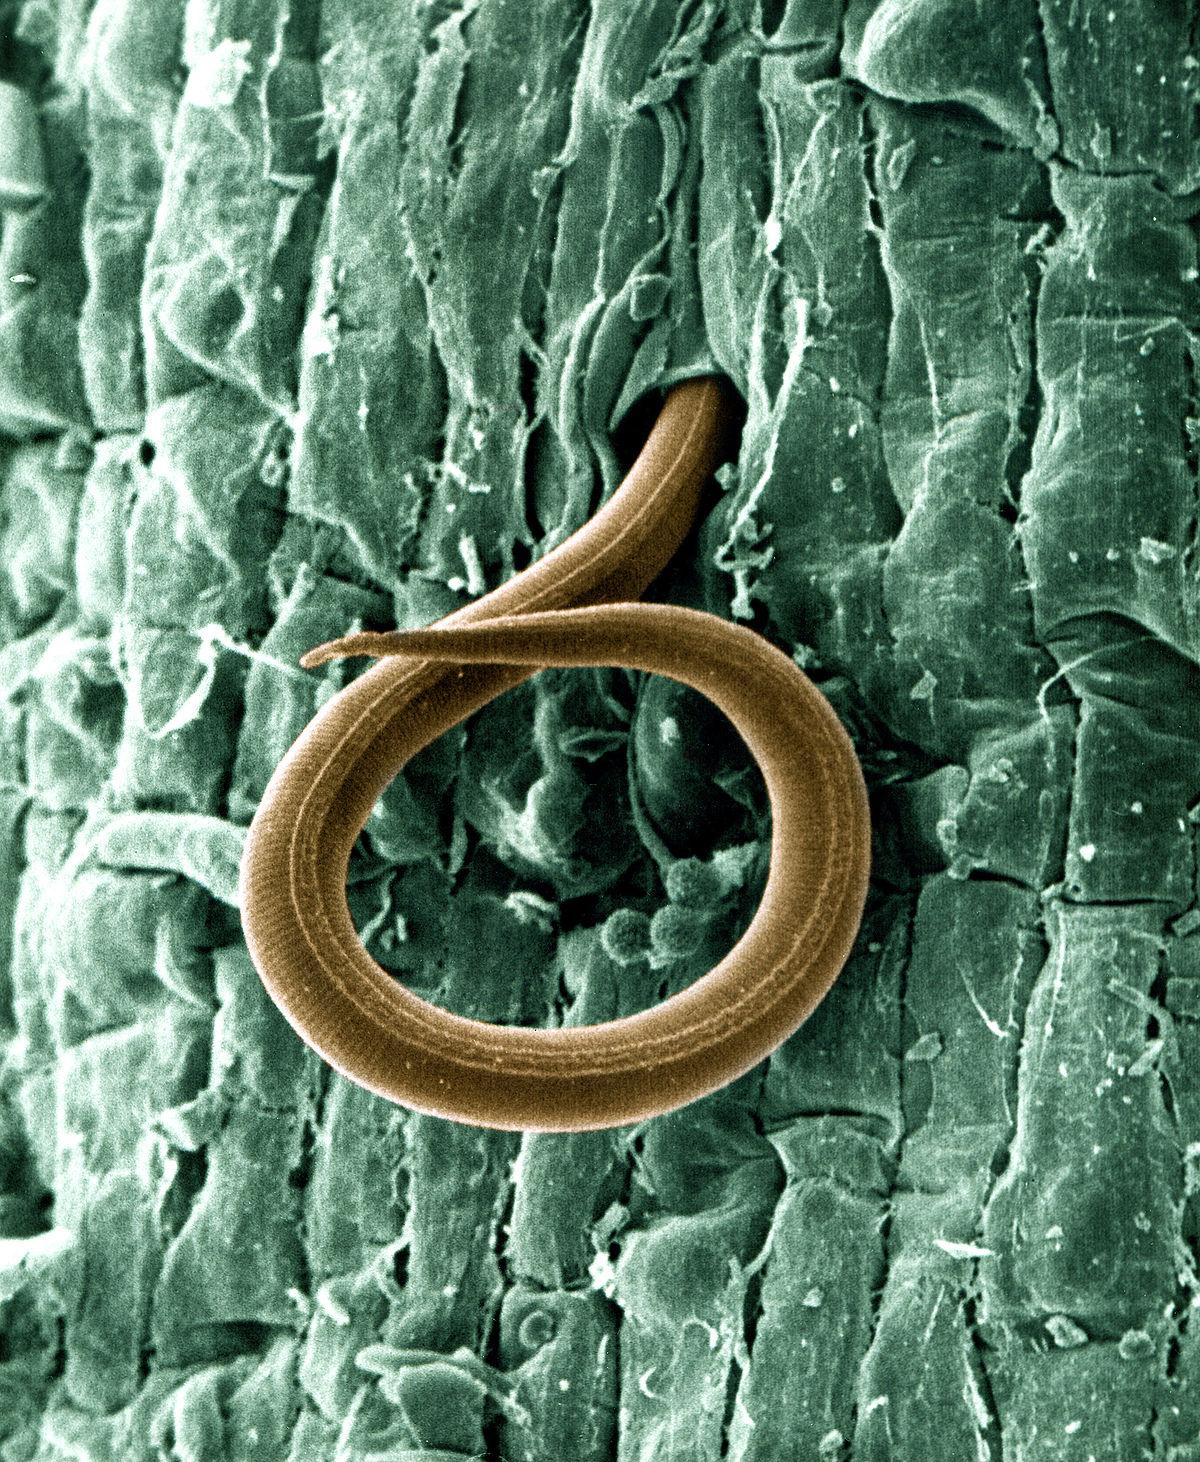 Diferența dintre nematode și cestode / Zoologie   Diferența dintre obiecte similare și termeni.